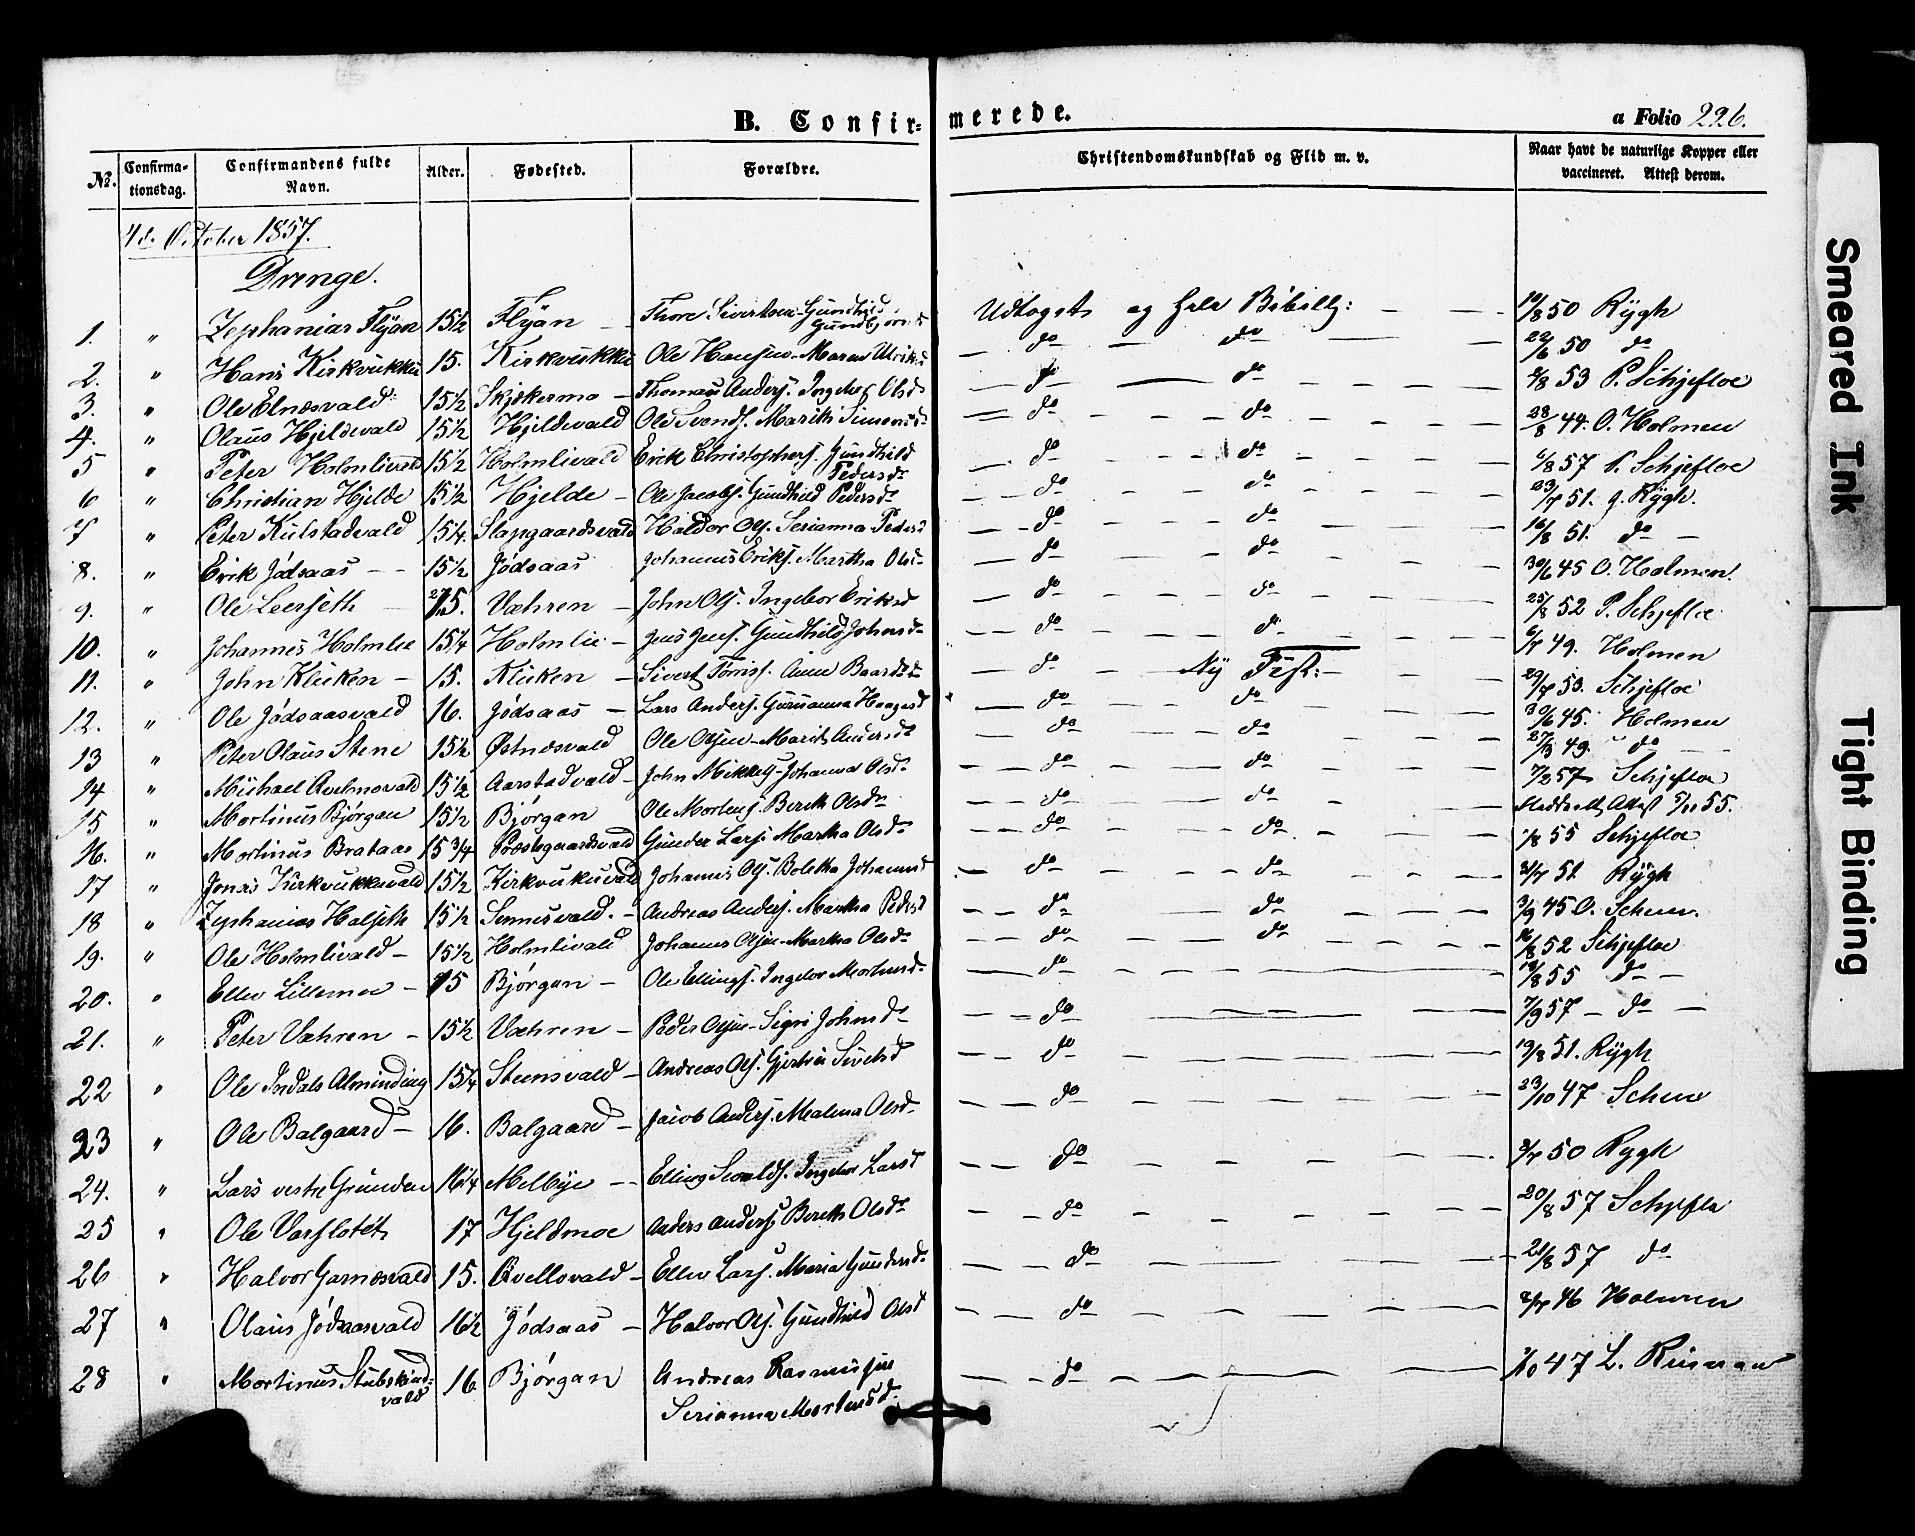 SAT, Ministerialprotokoller, klokkerbøker og fødselsregistre - Nord-Trøndelag, 724/L0268: Klokkerbok nr. 724C04, 1846-1878, s. 226